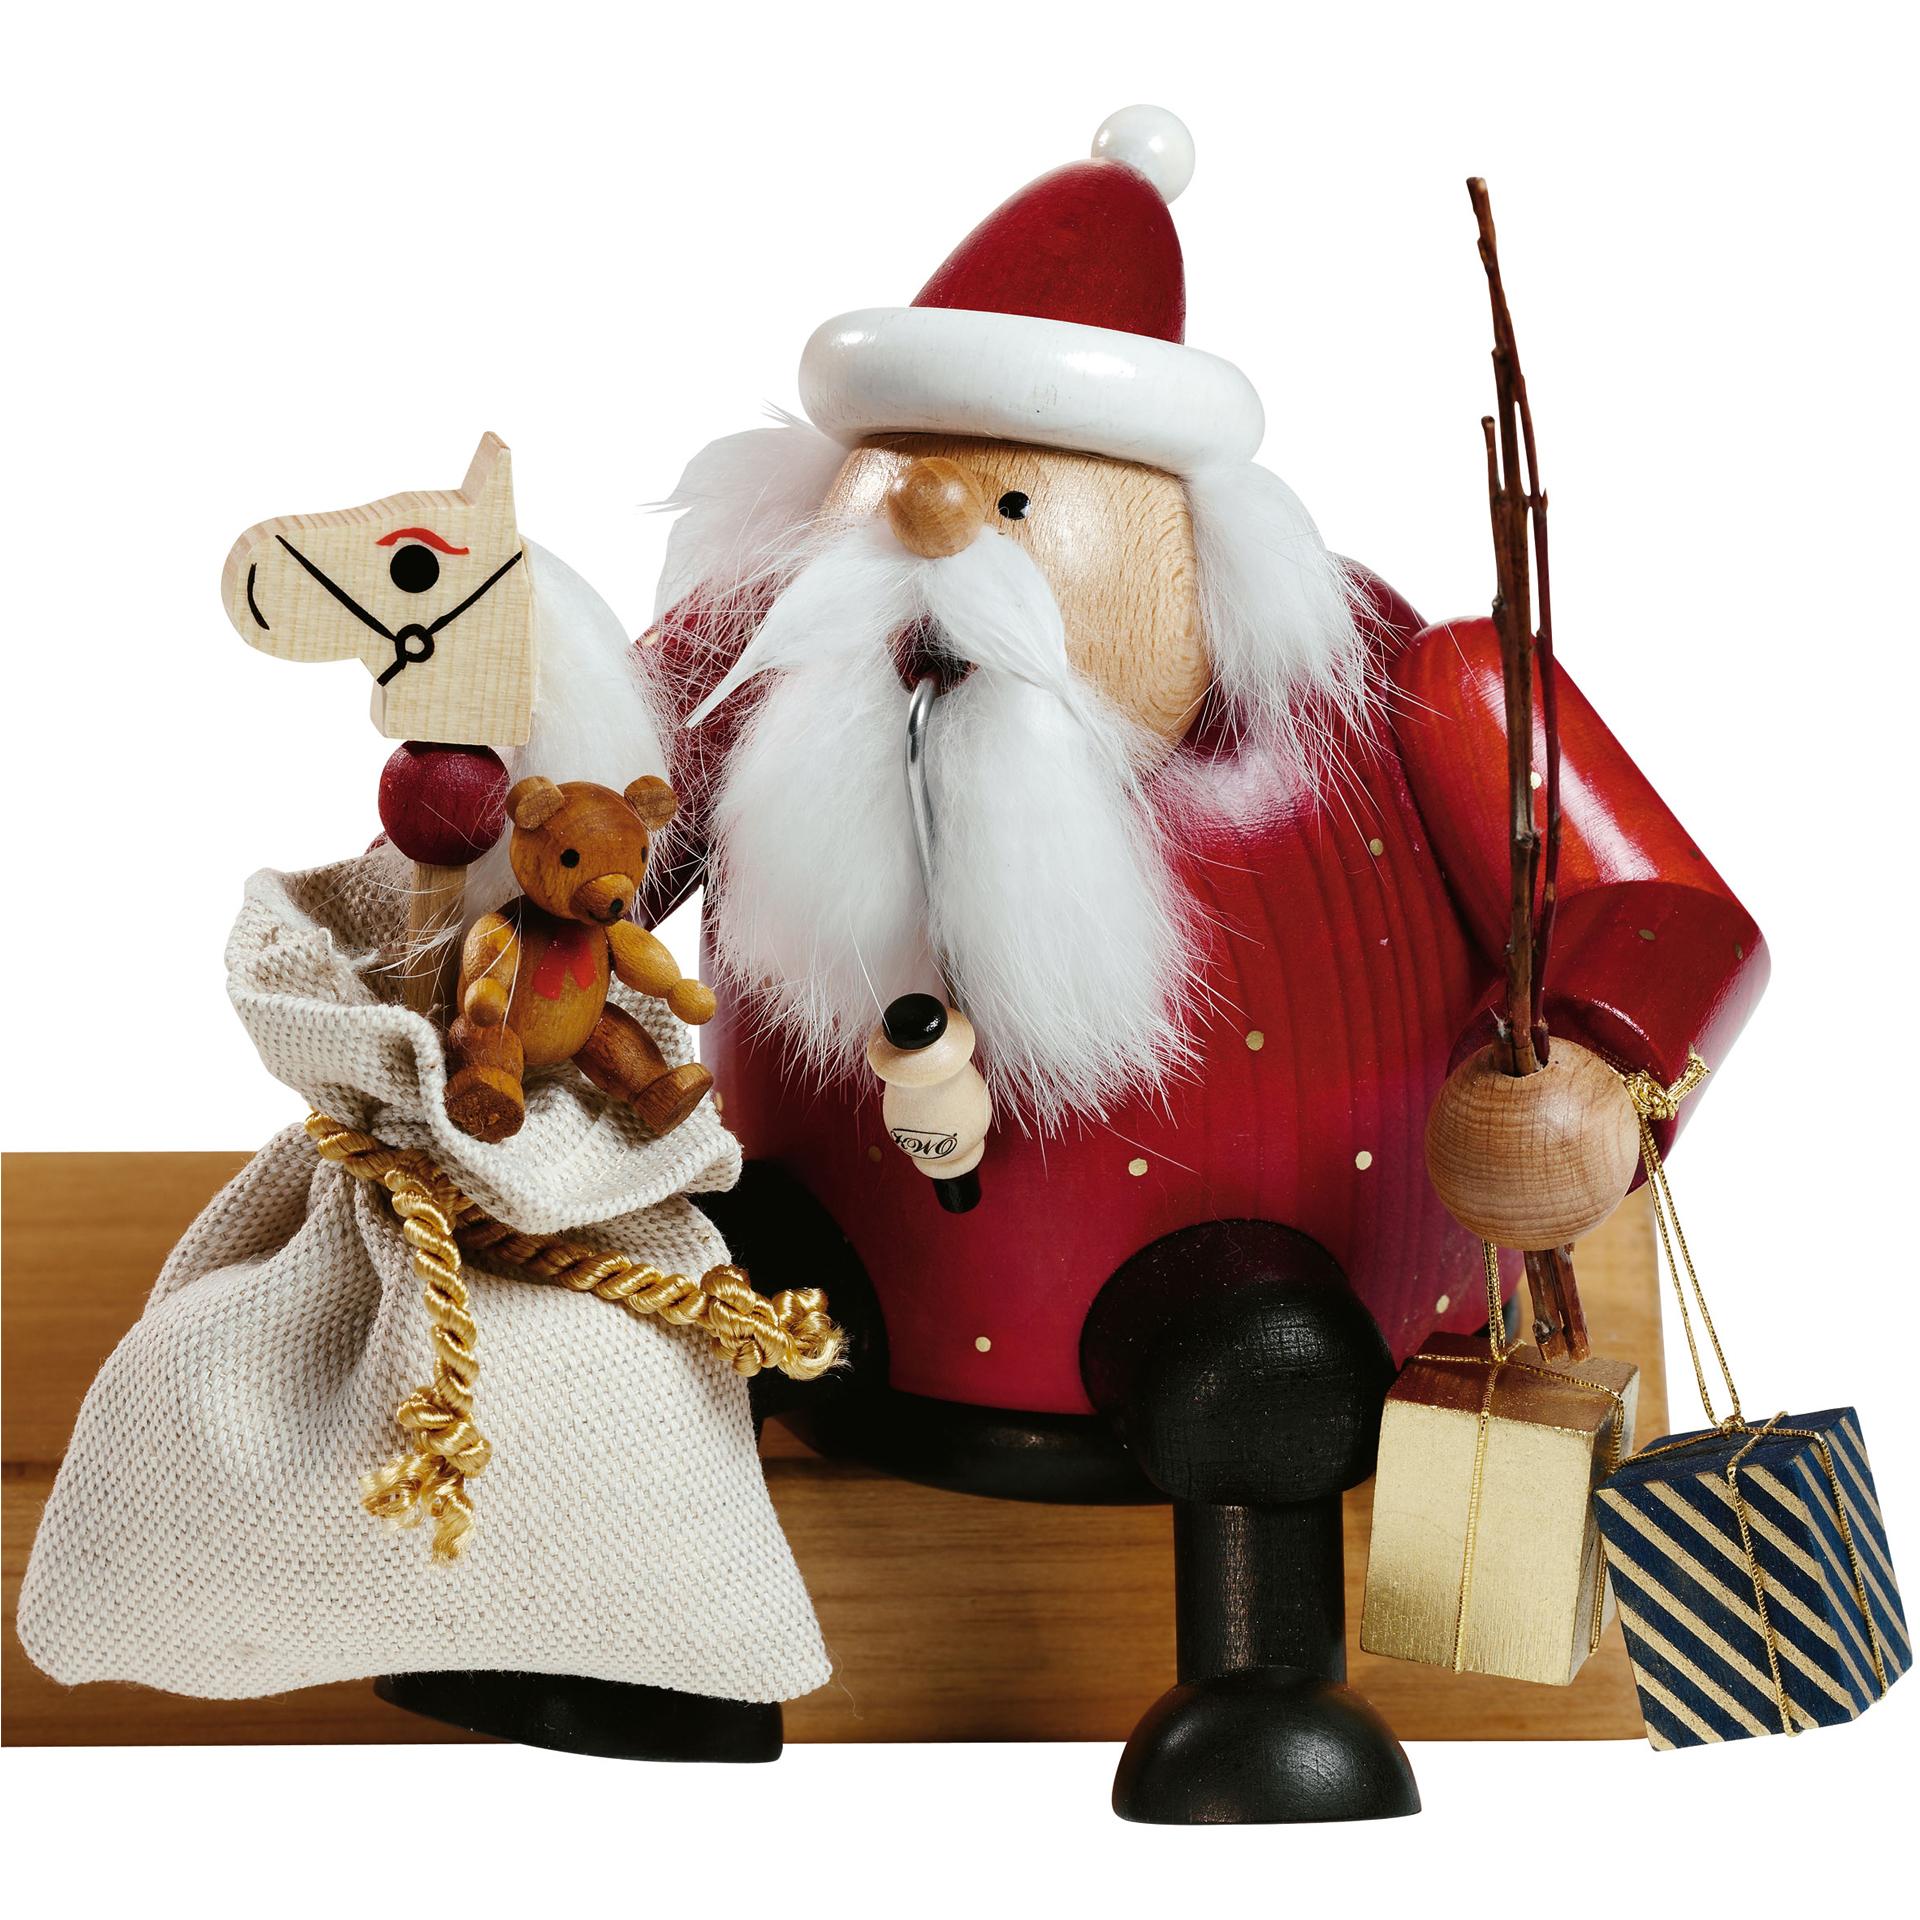 Rauchfigur Weihnachtsmann